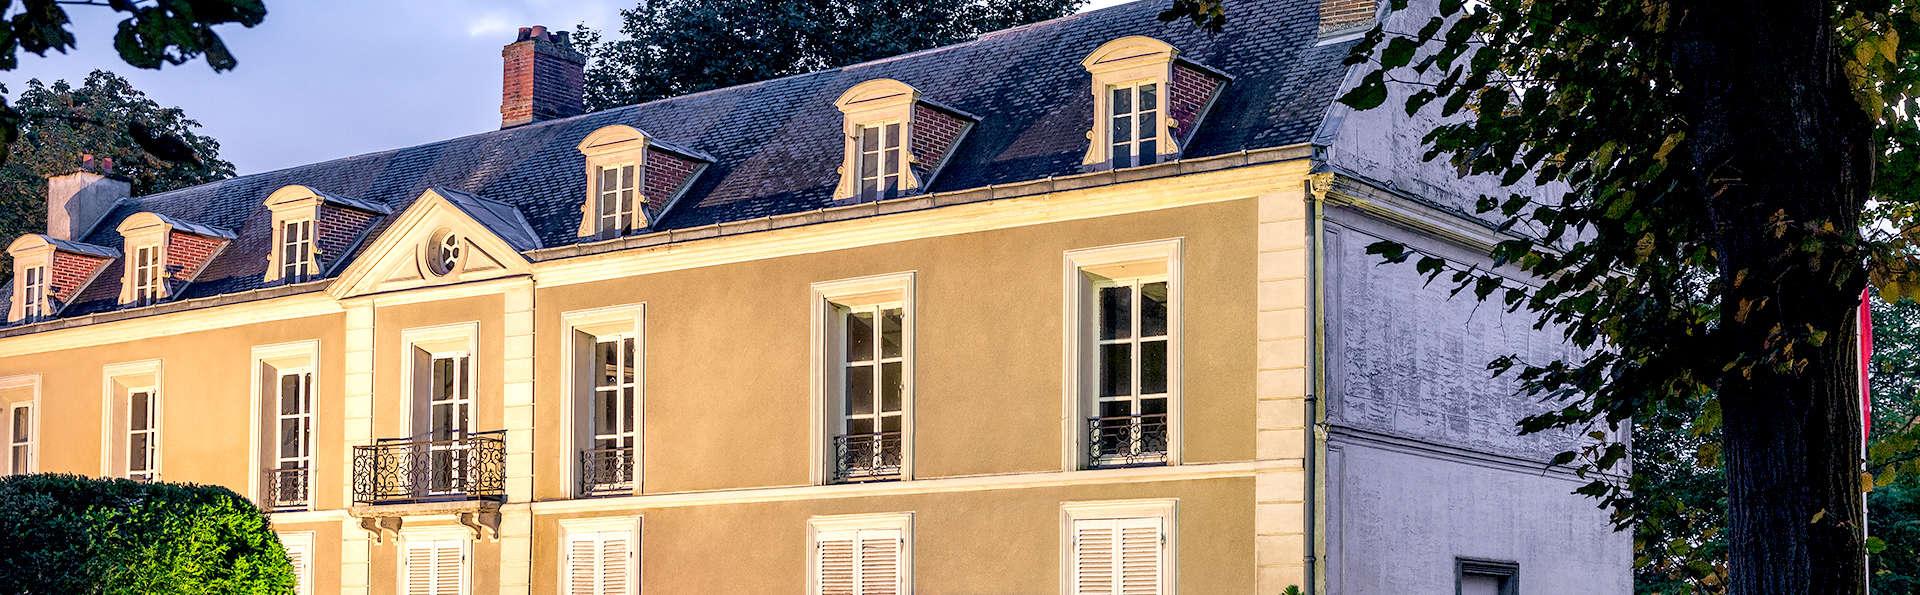 Mercure Demeure De Campagne Parc Du Coudray - Edit_Front.jpg